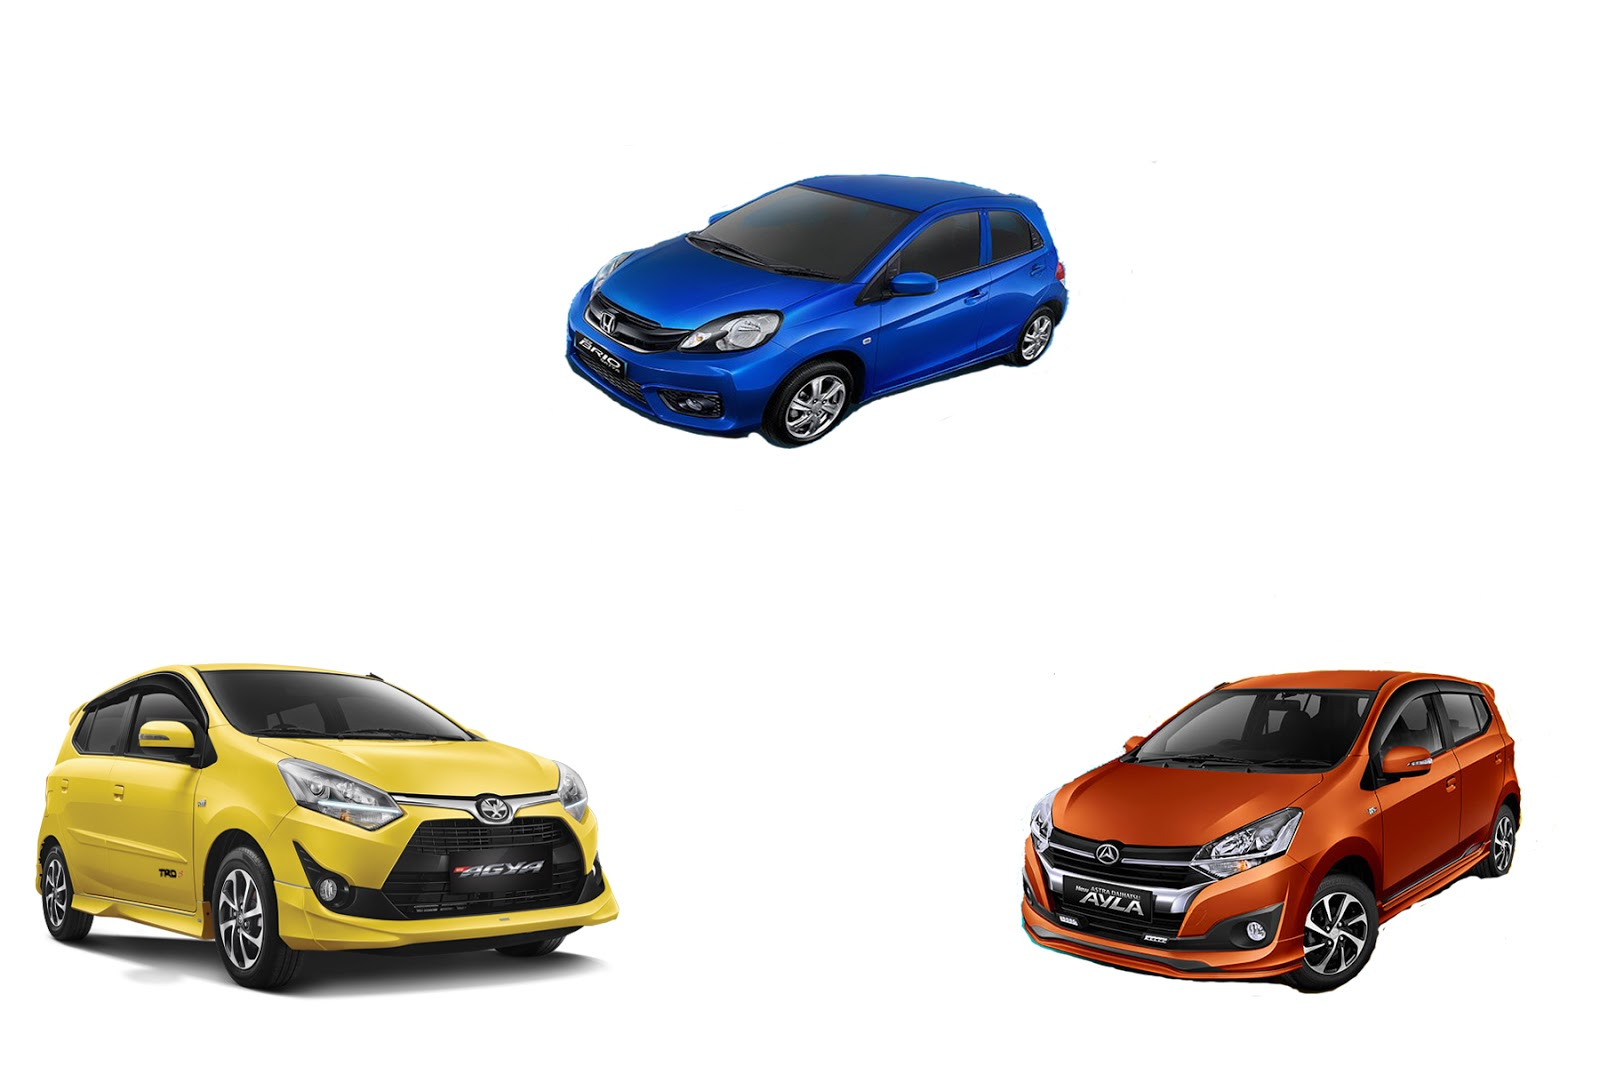 Adu Keunggulan Dan Kelebihan New Toyota Agya Vs New Daihatsu Ayla Vs